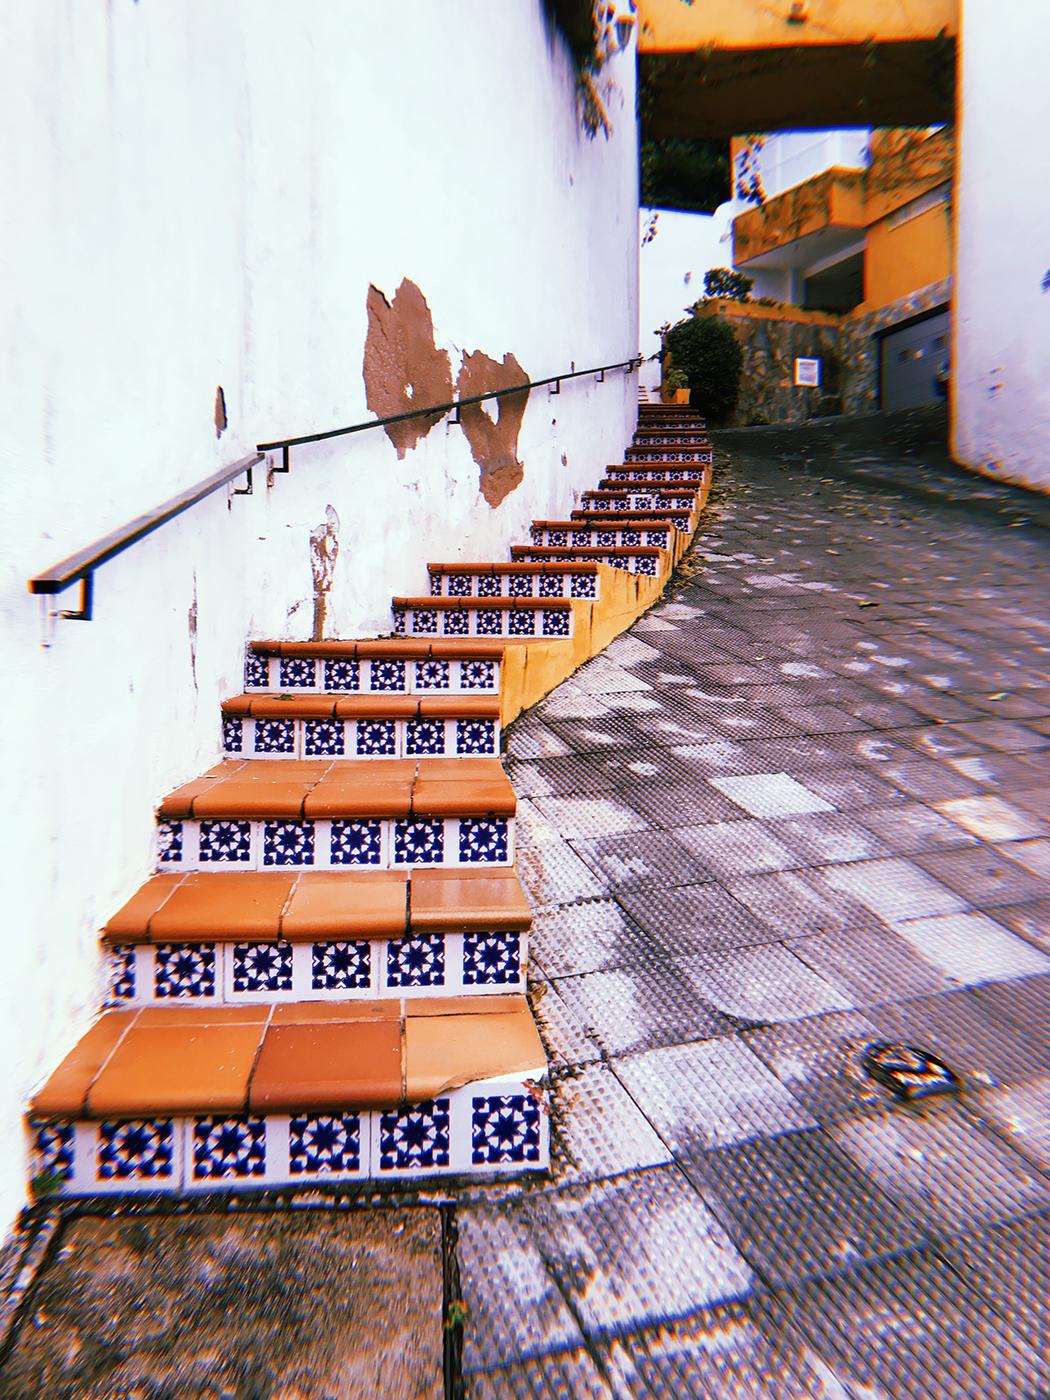 Màlaga, Spain